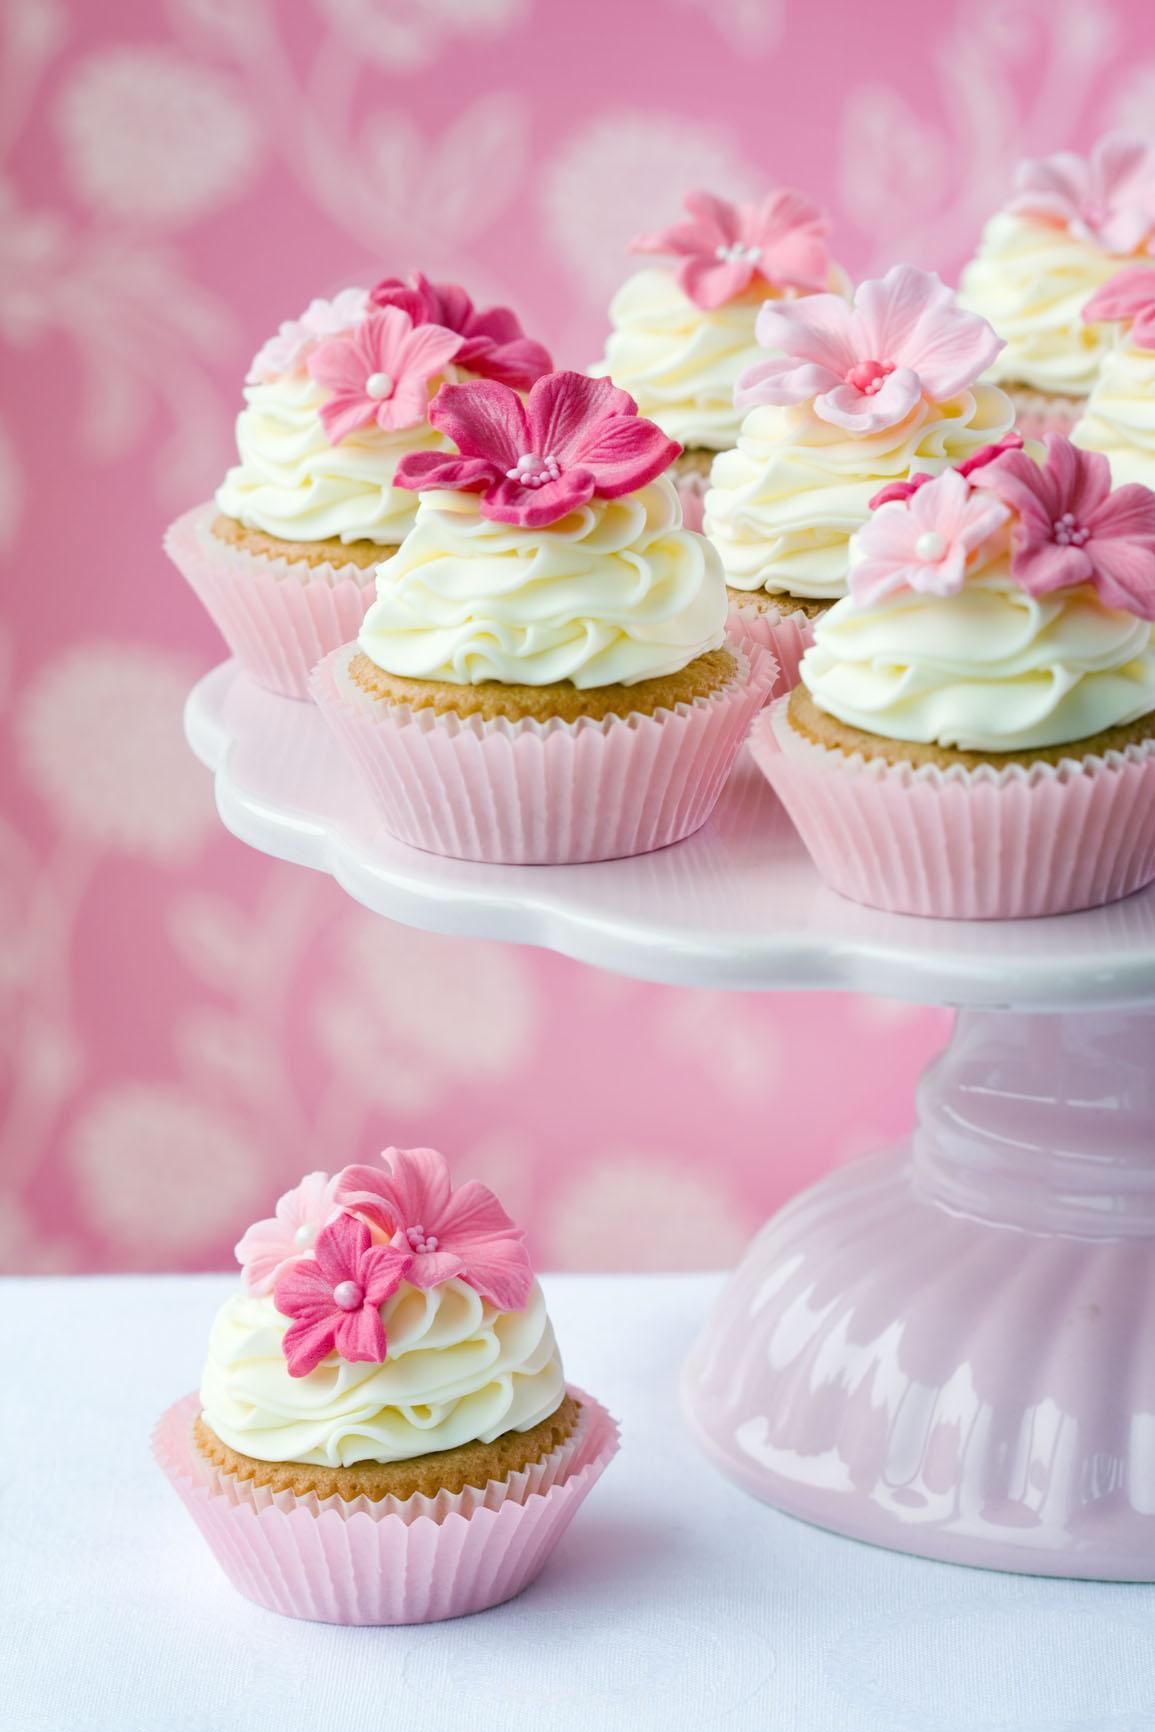 عکس هایی از تزئینات و کیک و شیرینی مراسم عروسی